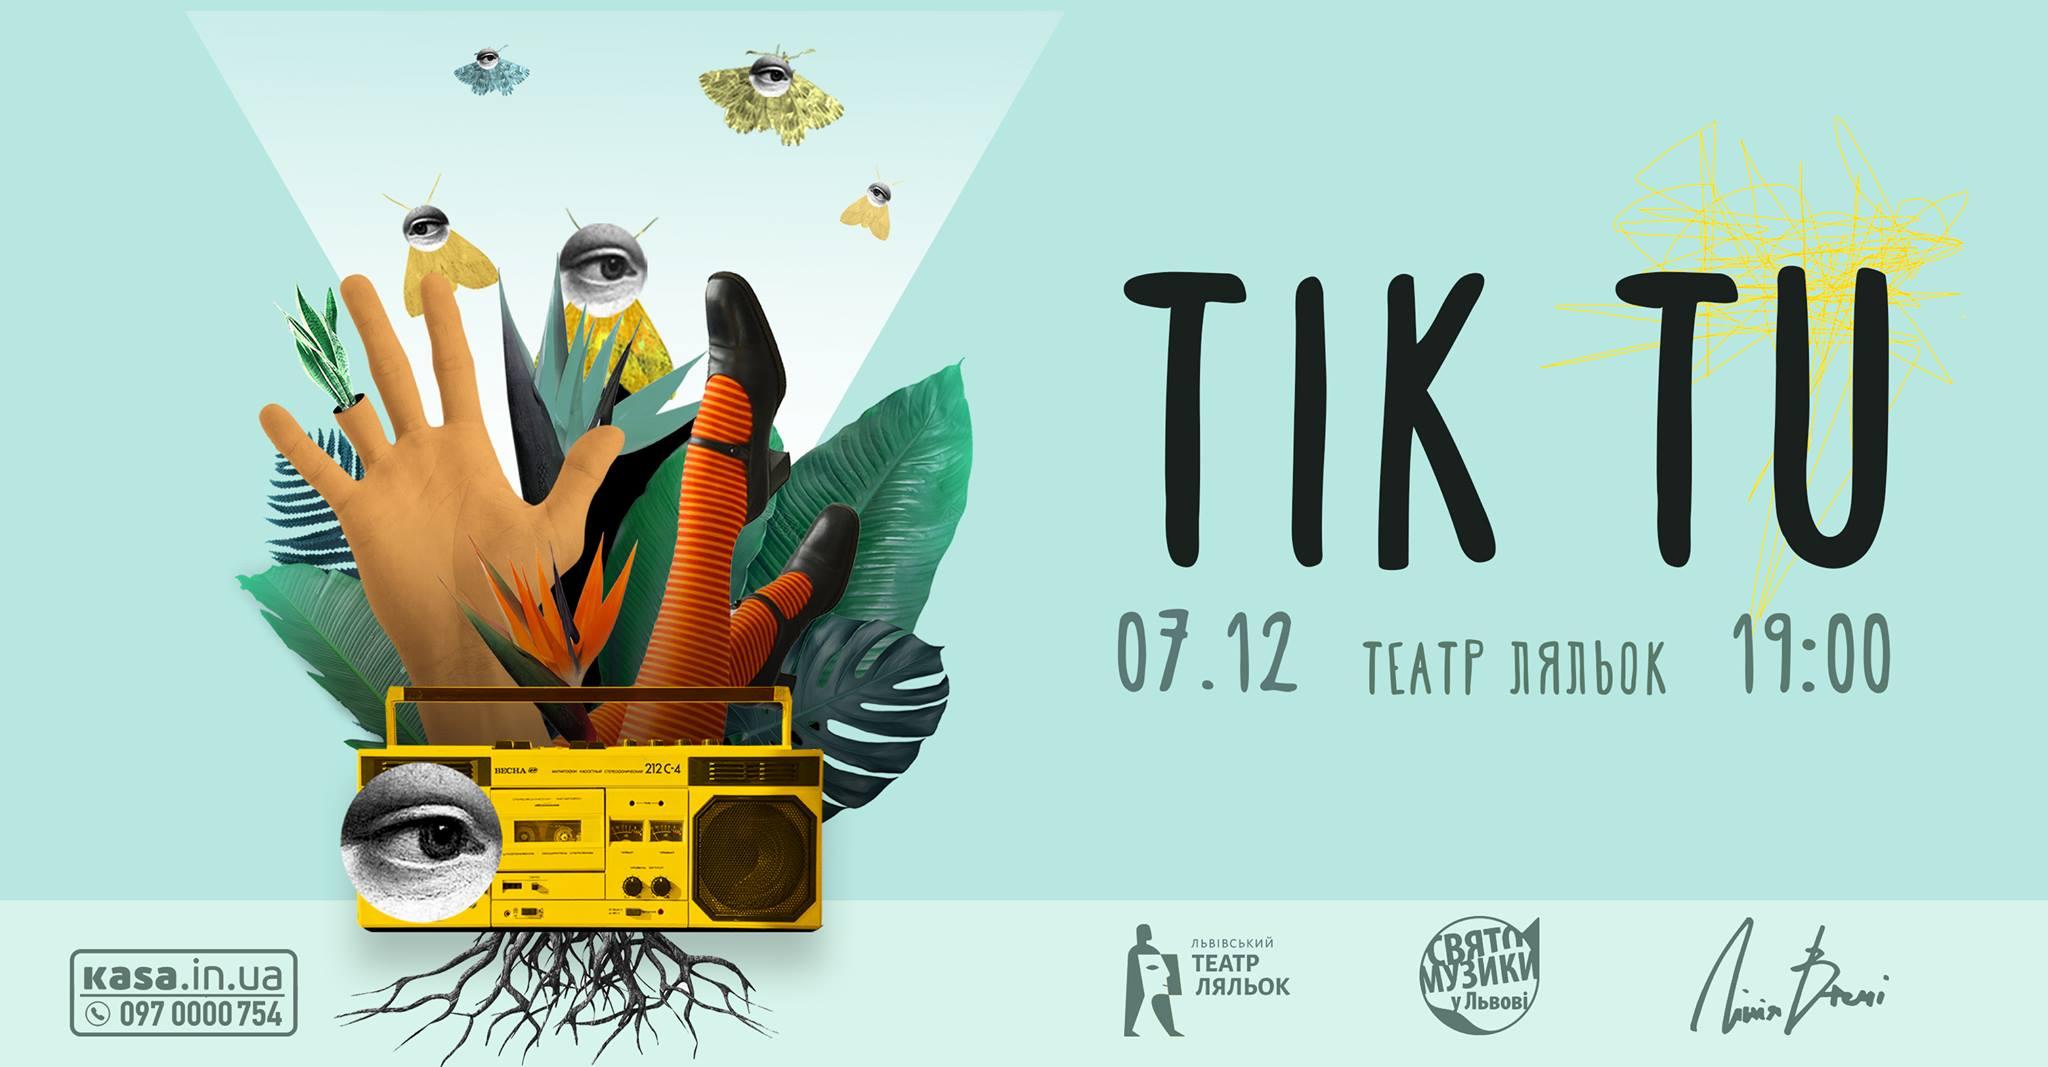 Концерт Tik Tu / TEATR / 07.12